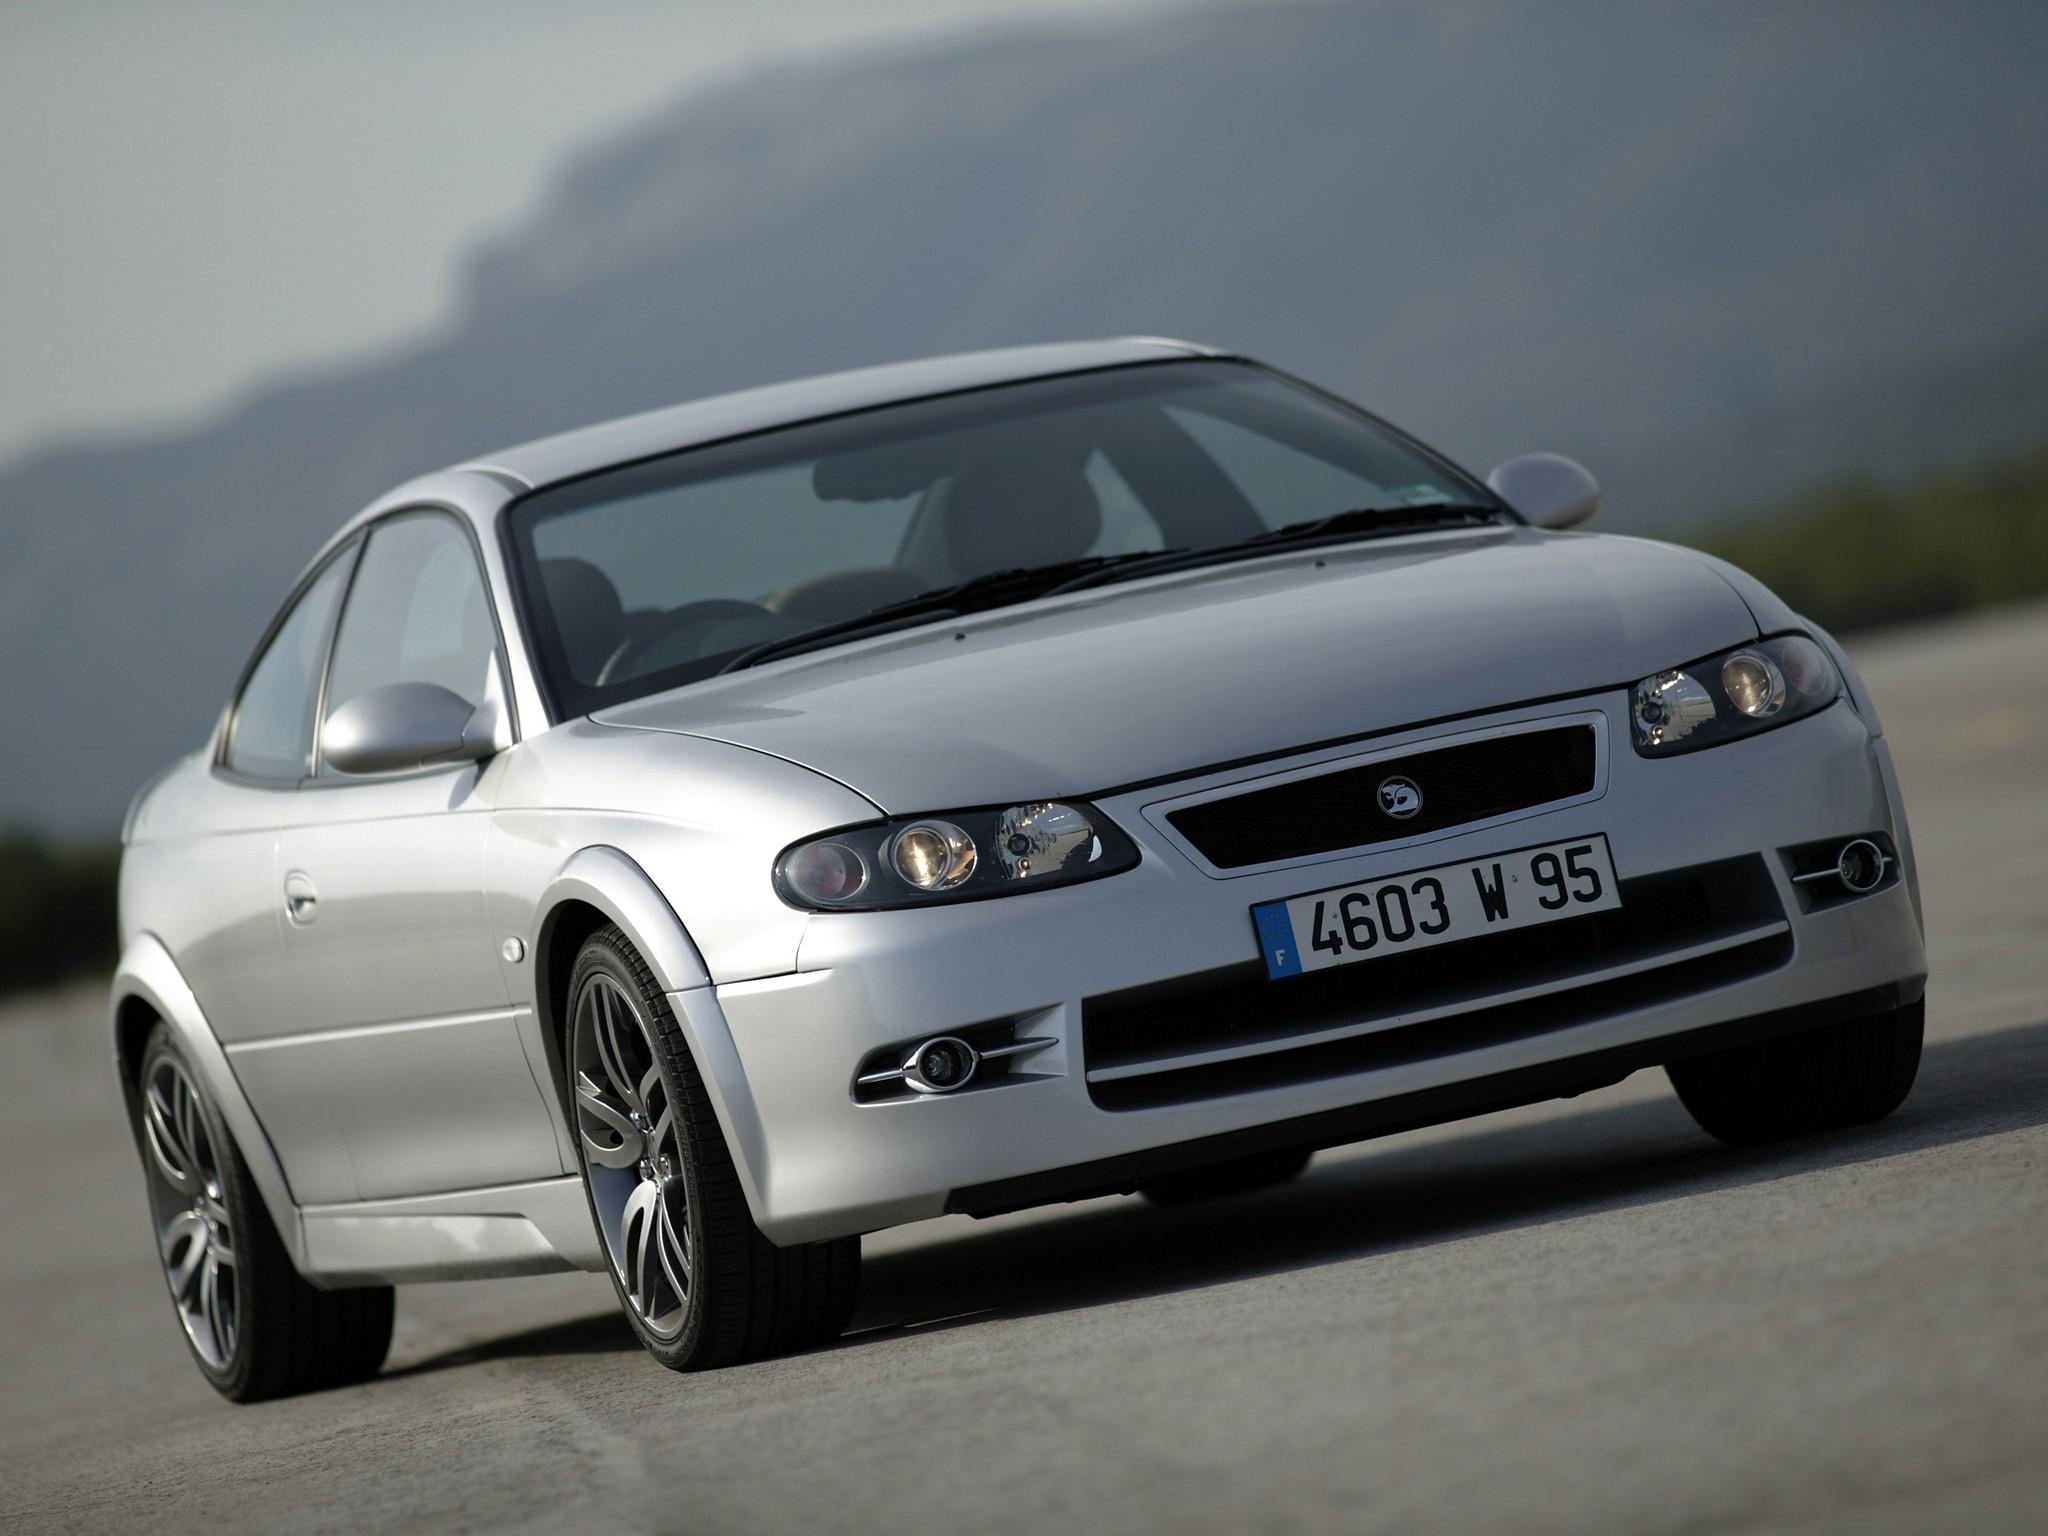 2004 HSV Coupe 4 Concept